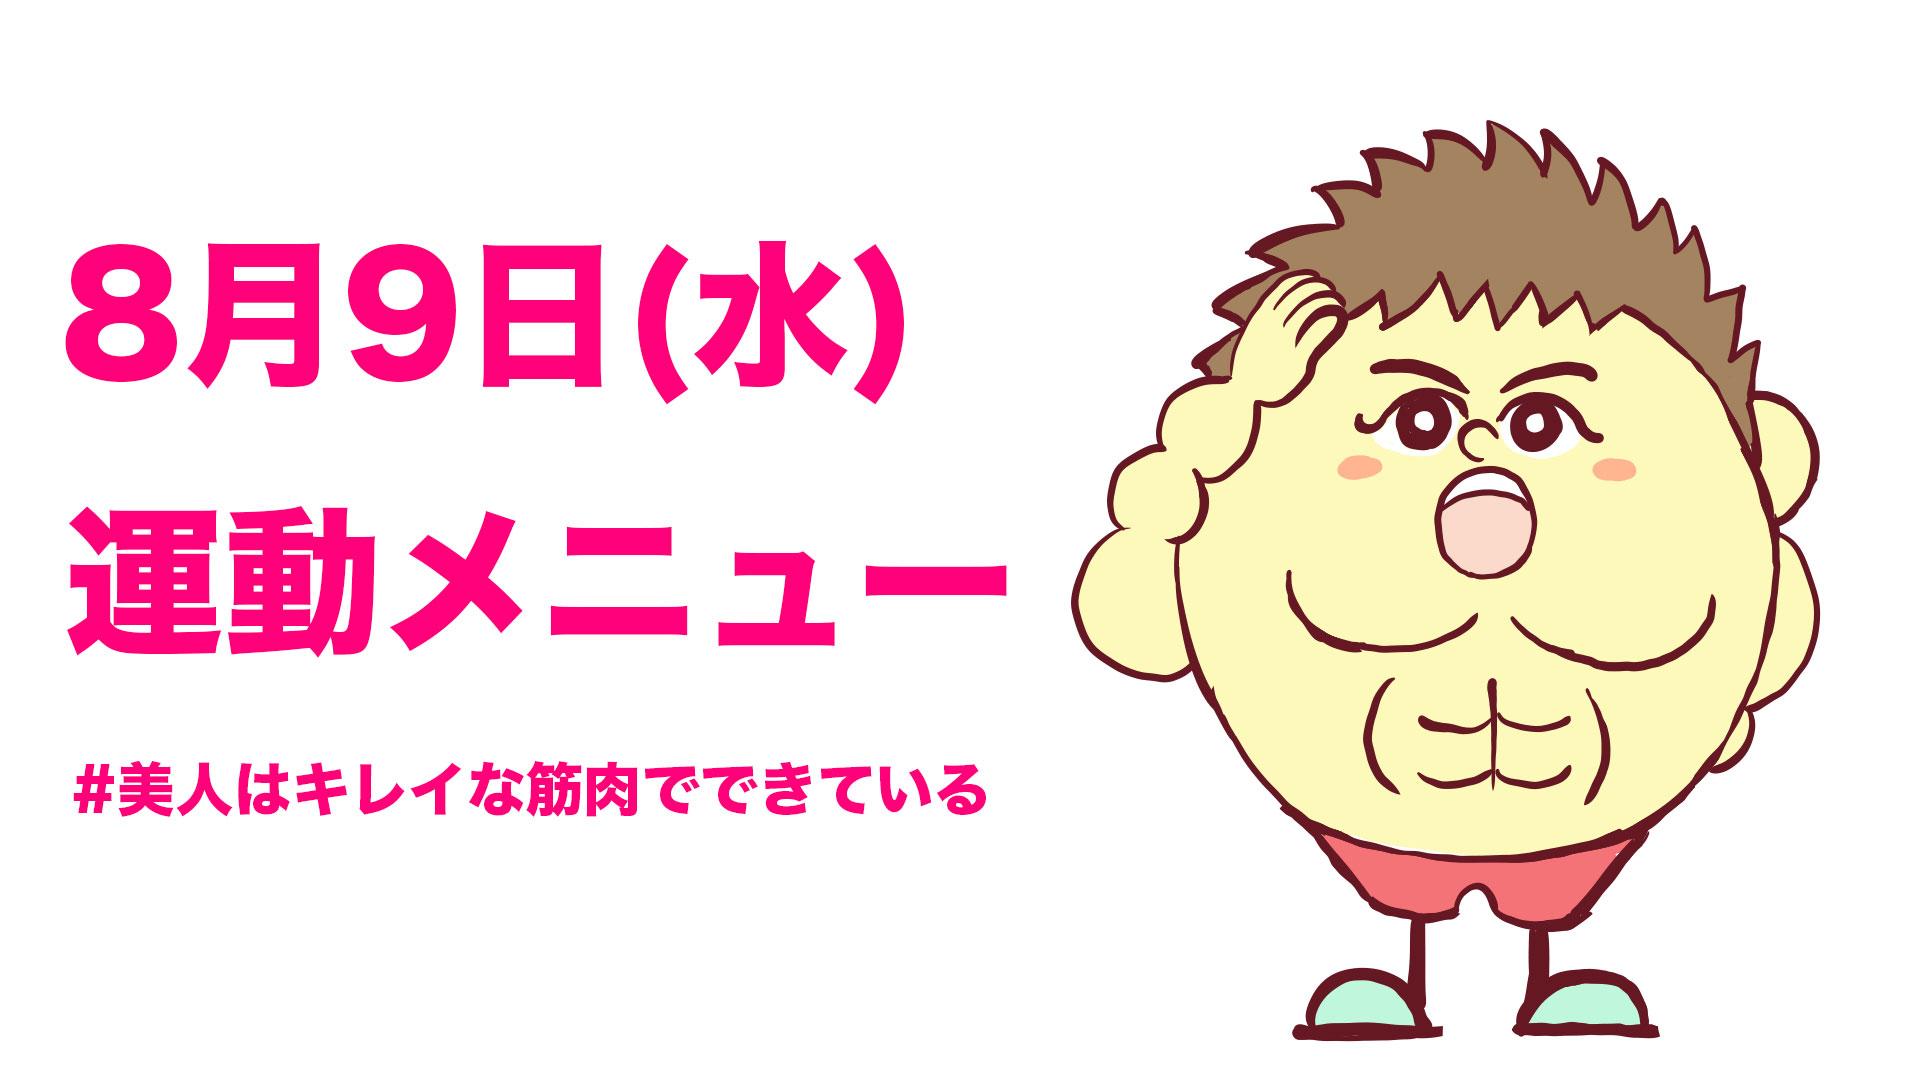 8/9の運動メニュー!